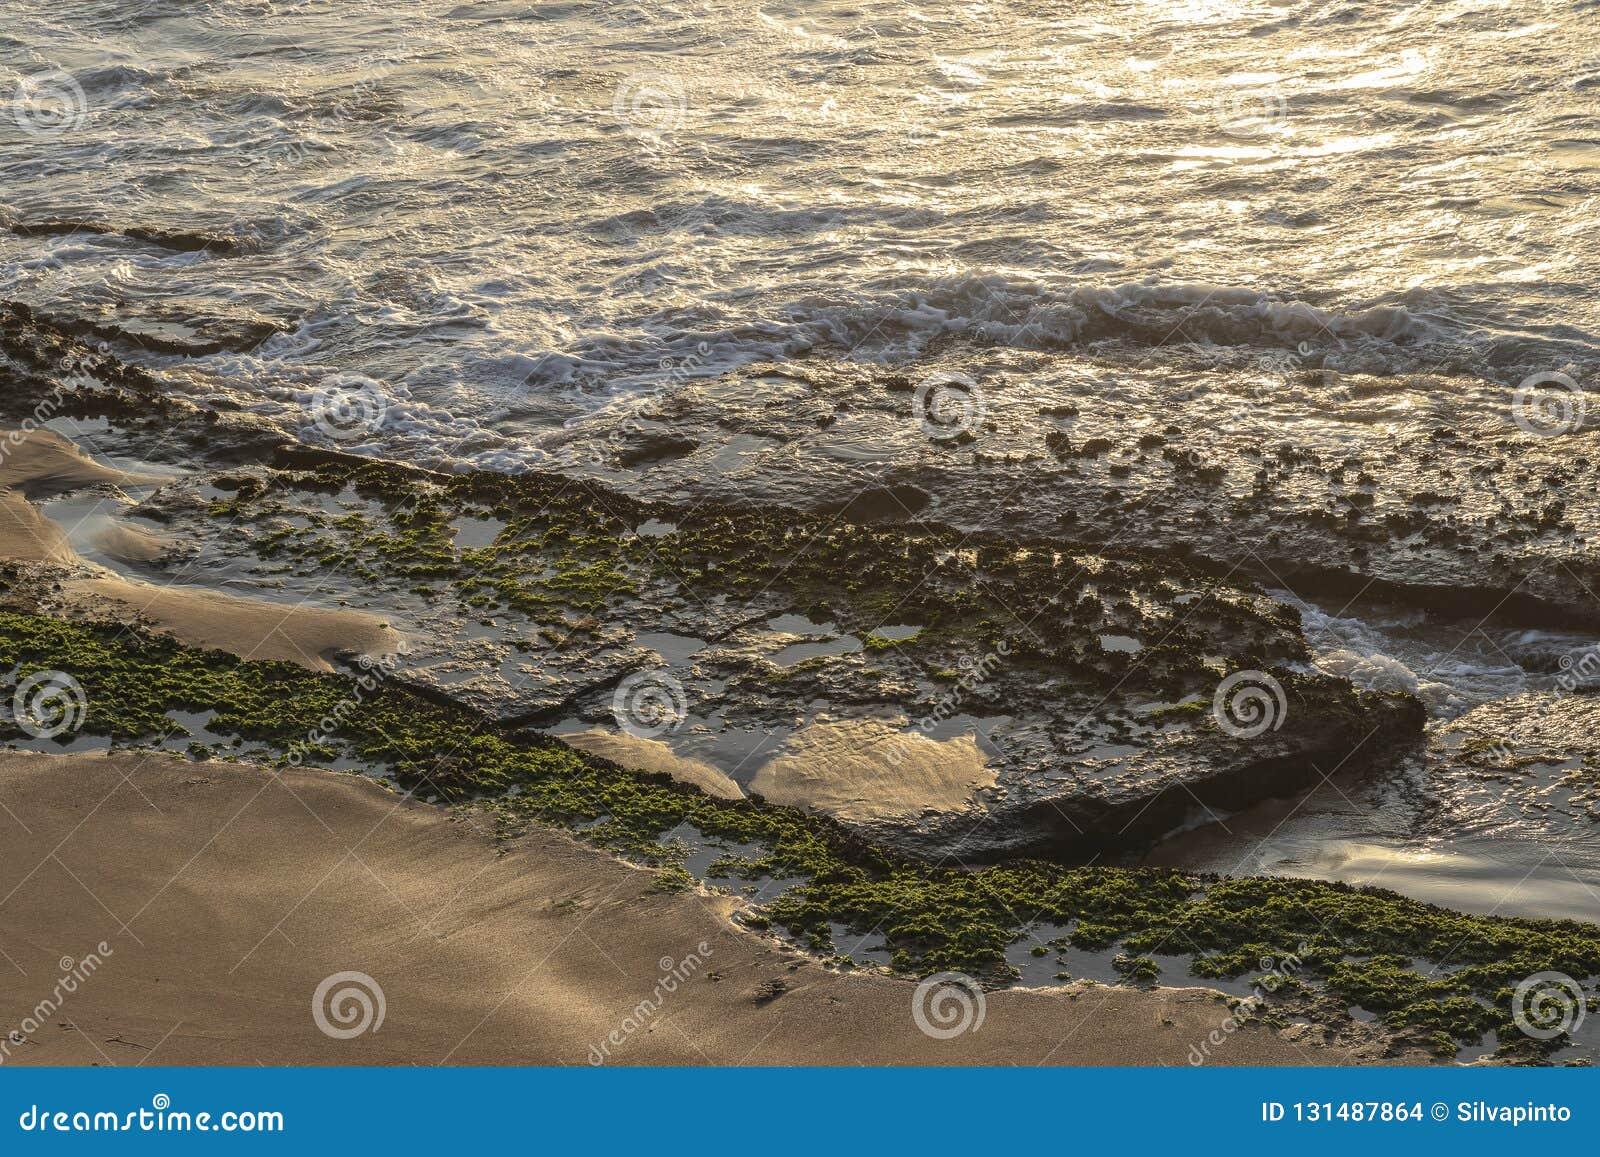 Камни с морской водорослью на береге дикого пляжа namibe с заходом солнца вышесказанного anisette